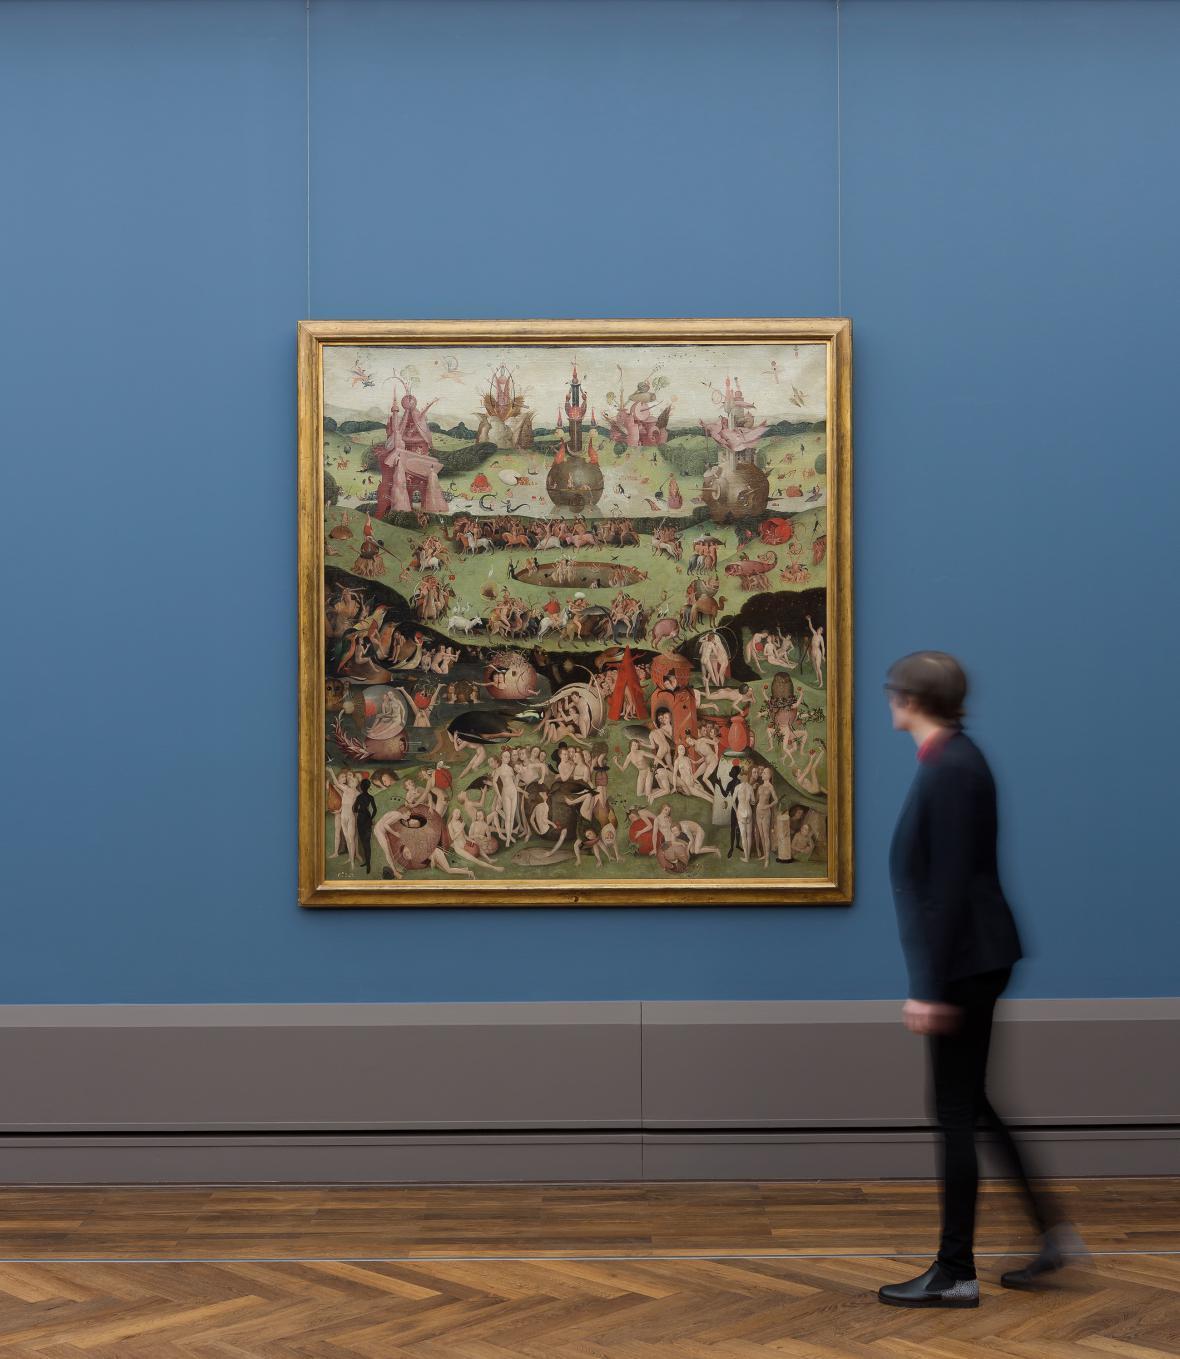 Z výstavy děl Hieronyma Bosche v berlínské Obrazárně